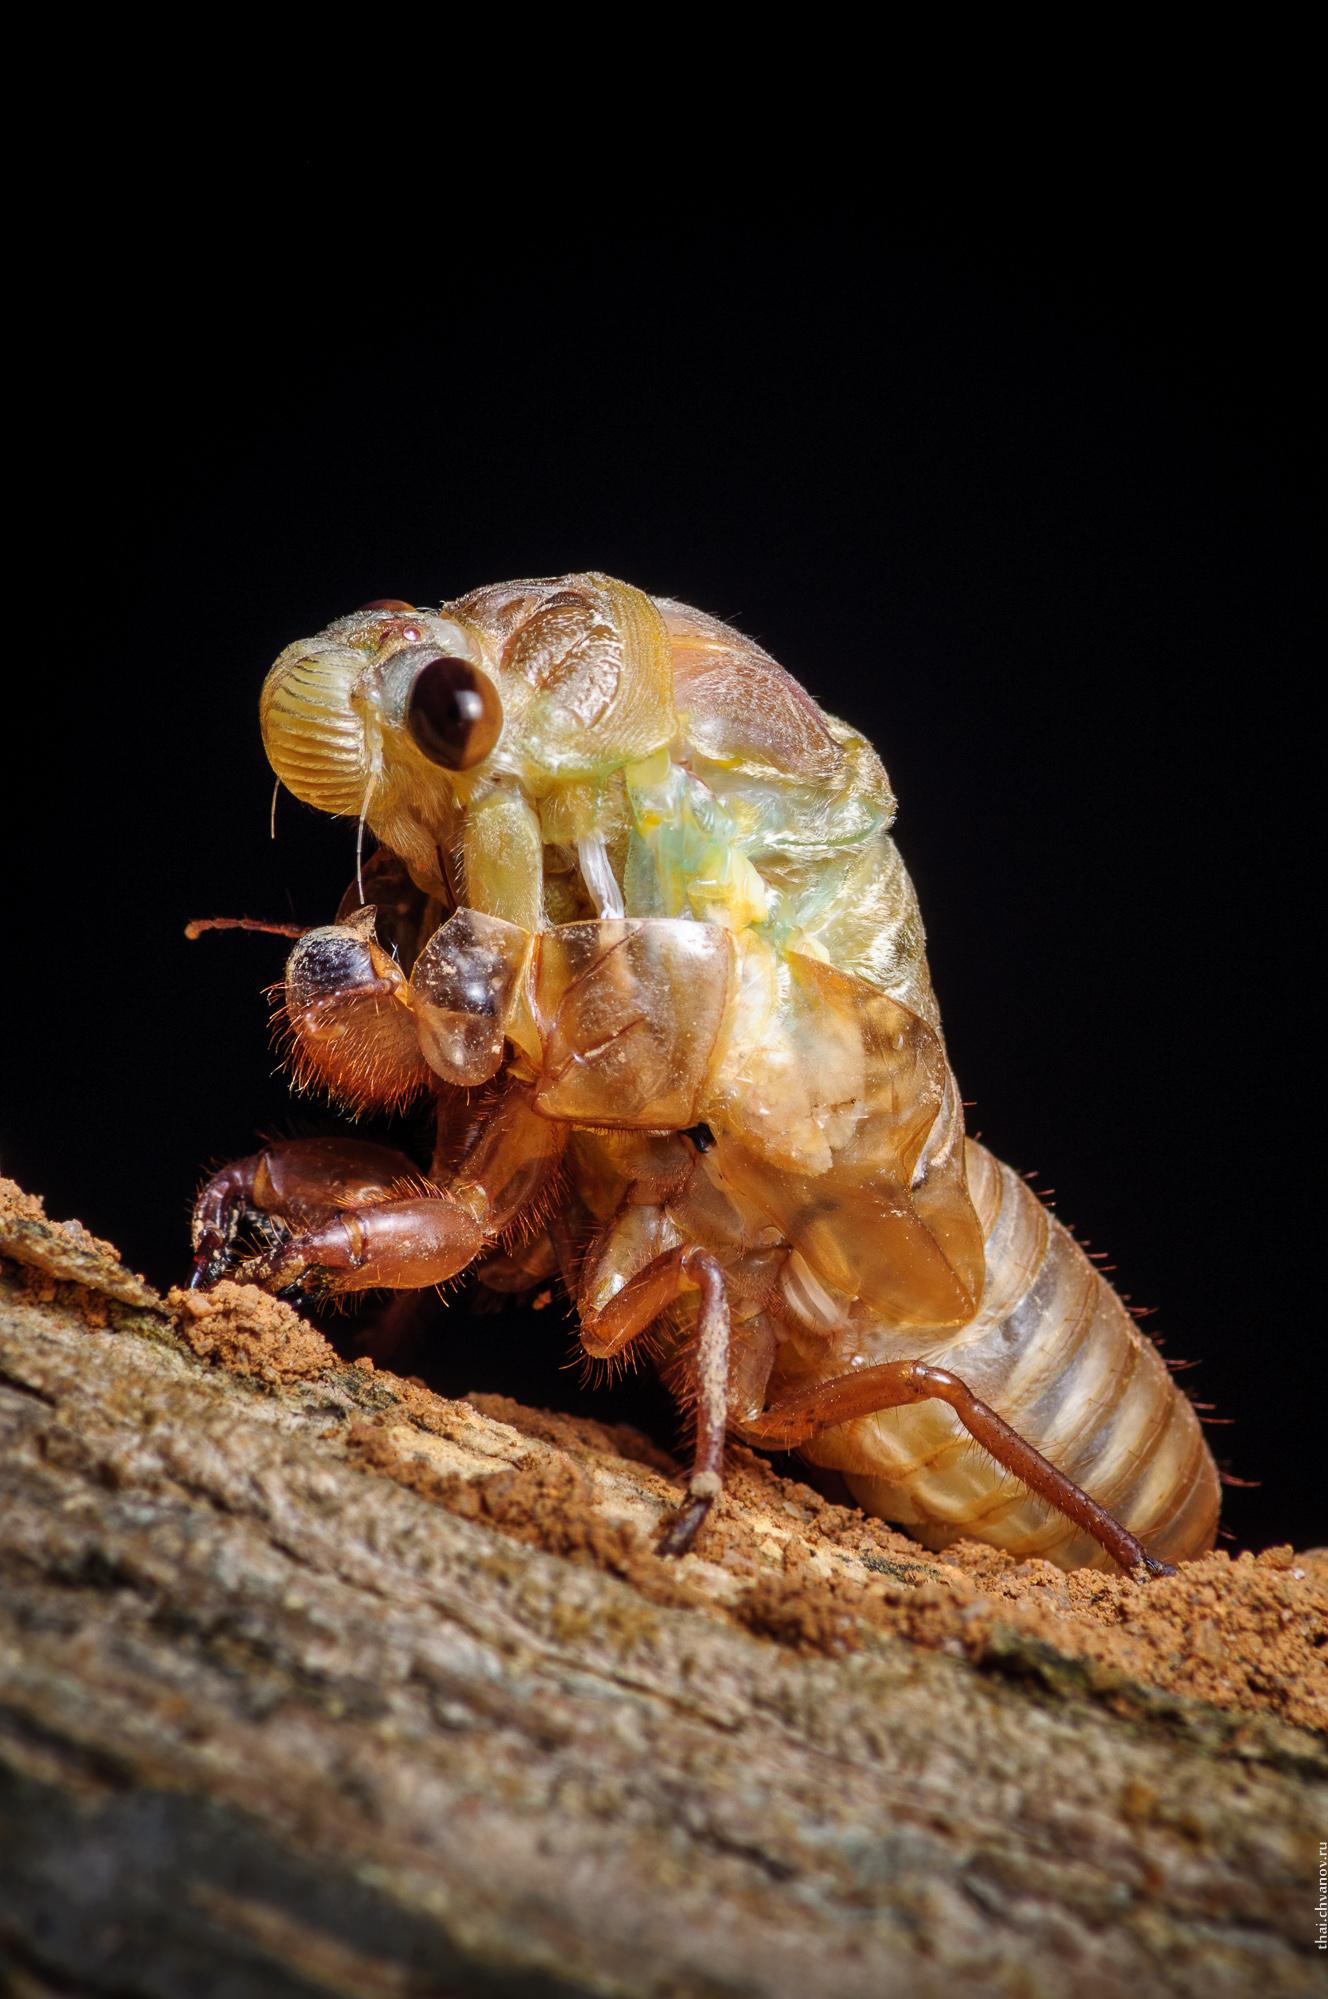 Процесс линьки нимфы цикады в картинках.